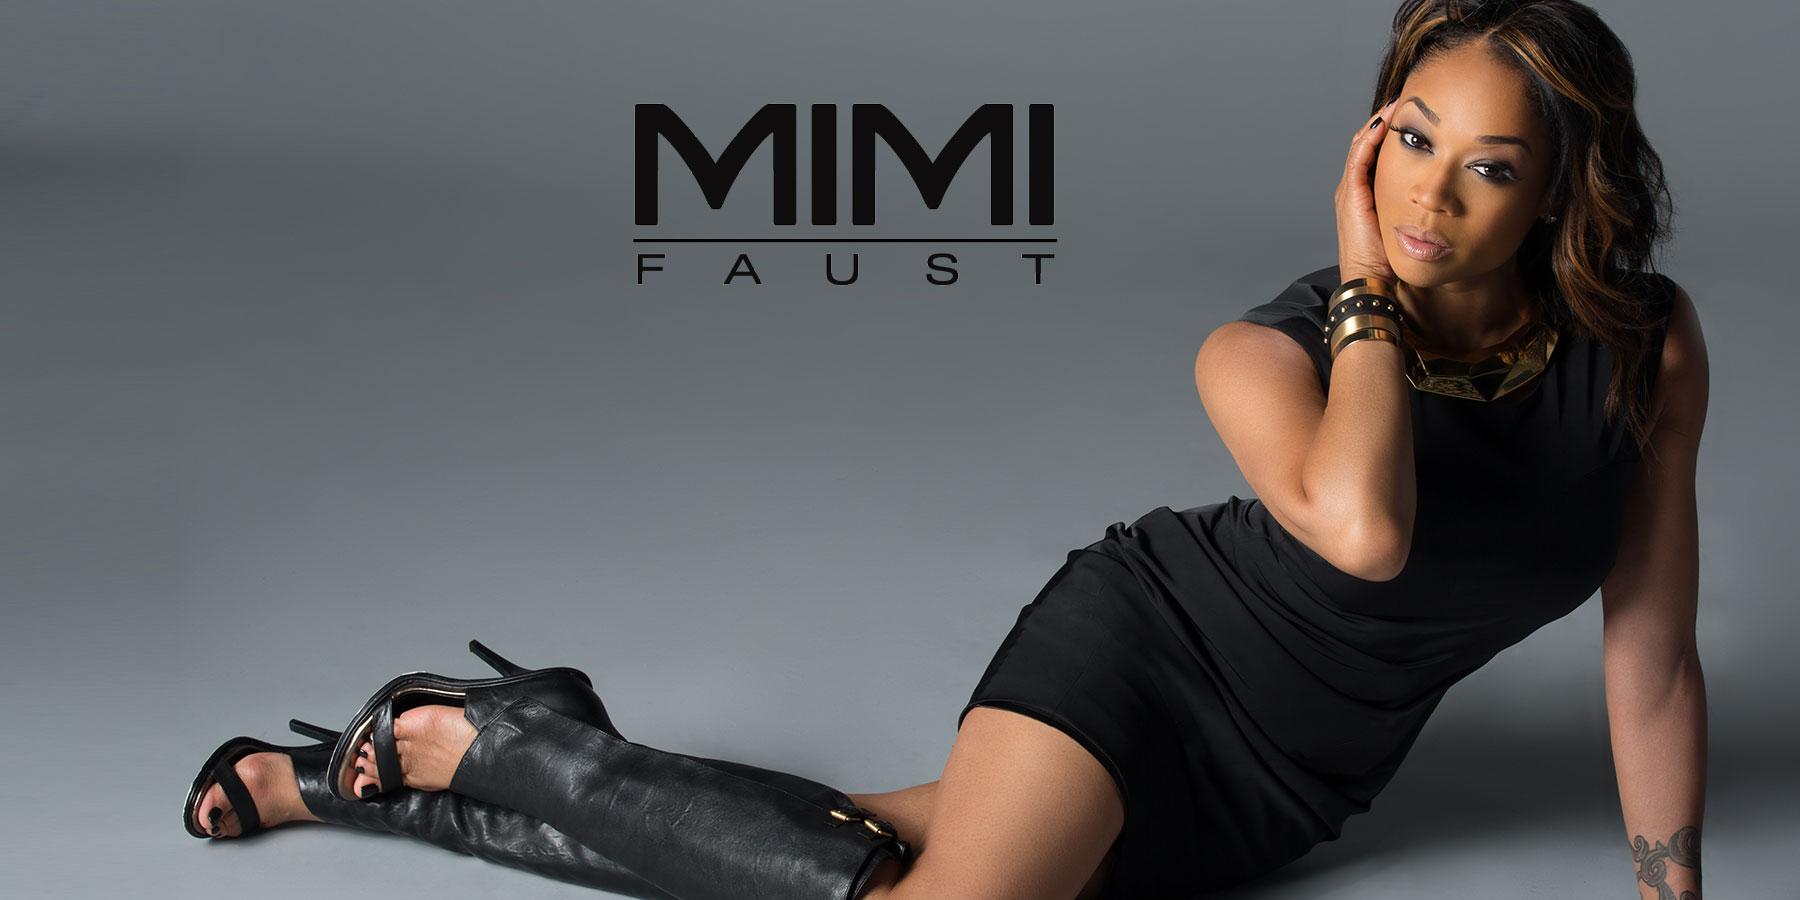 Mimi Faust